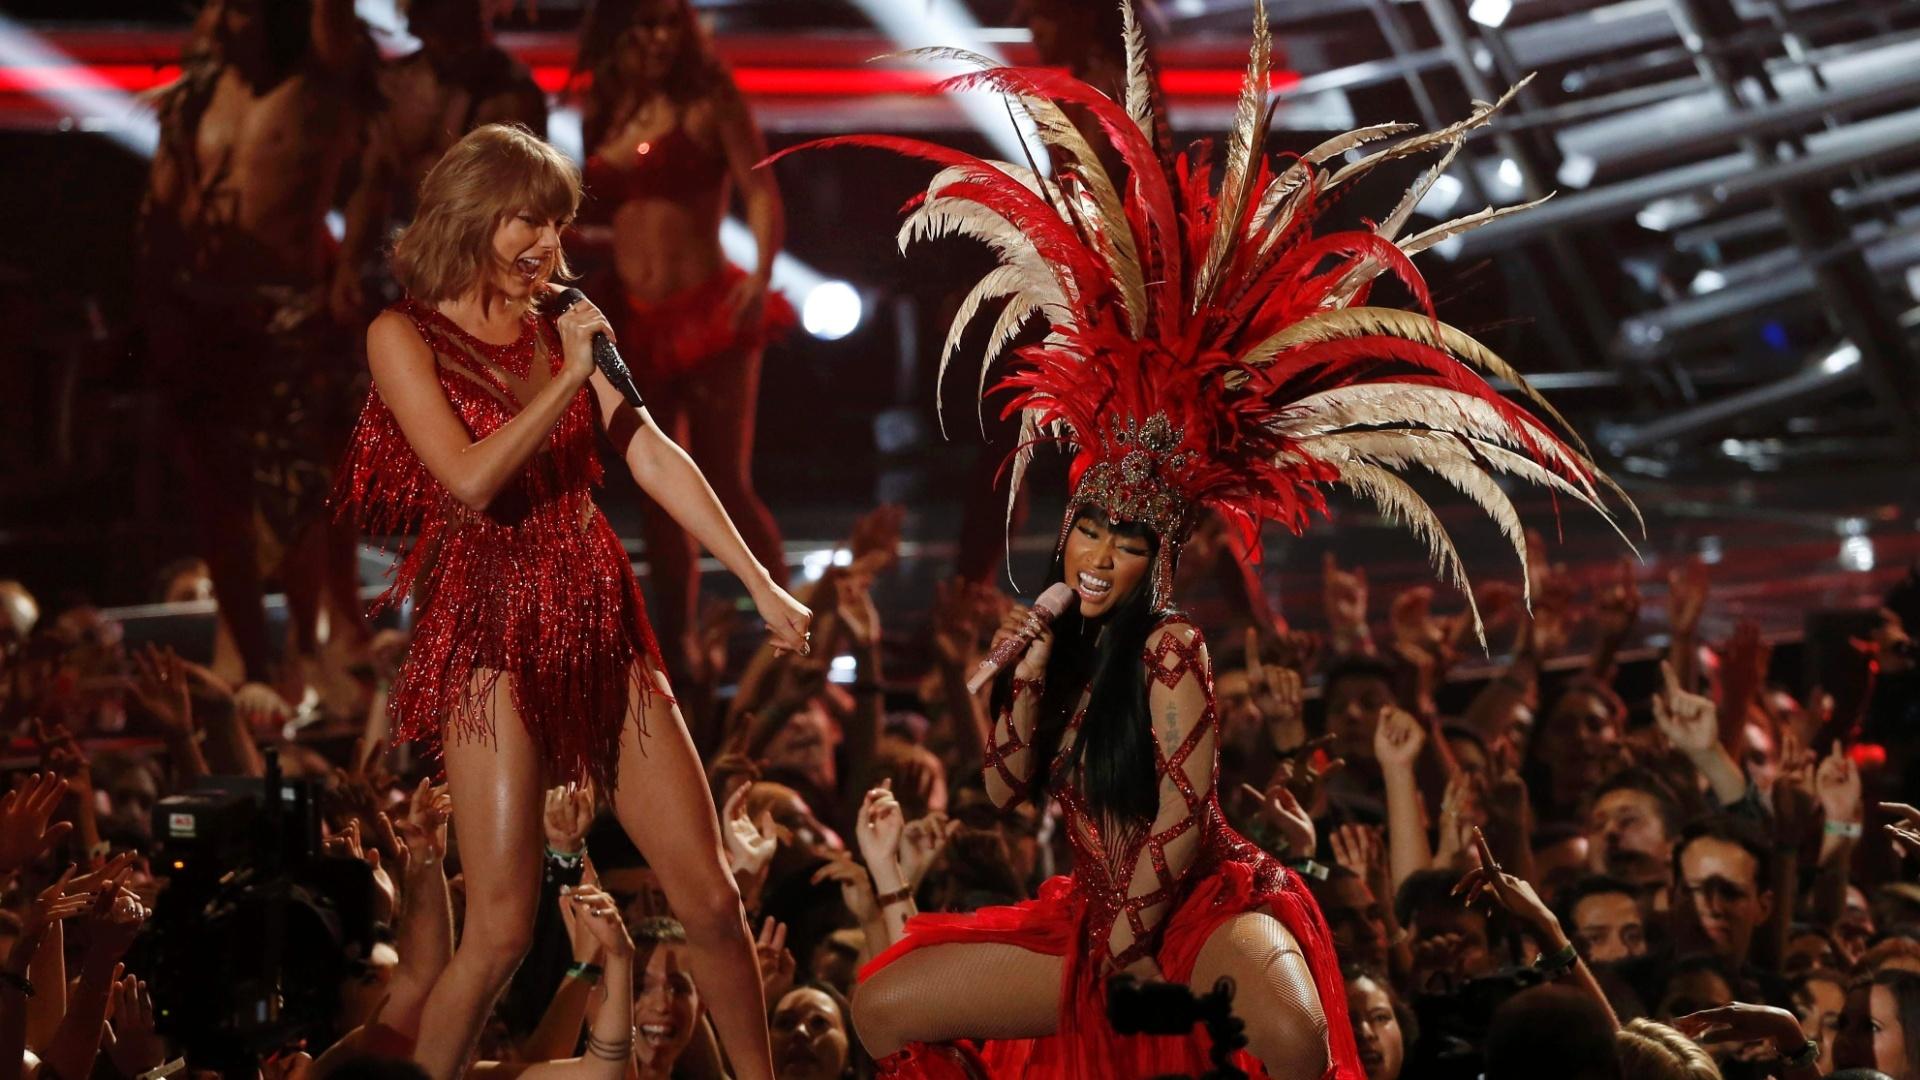 30.ago.2015 - A cantora Nicki Minaj dividiu o palco do VMA 2015 com a cantora Taylor Swift